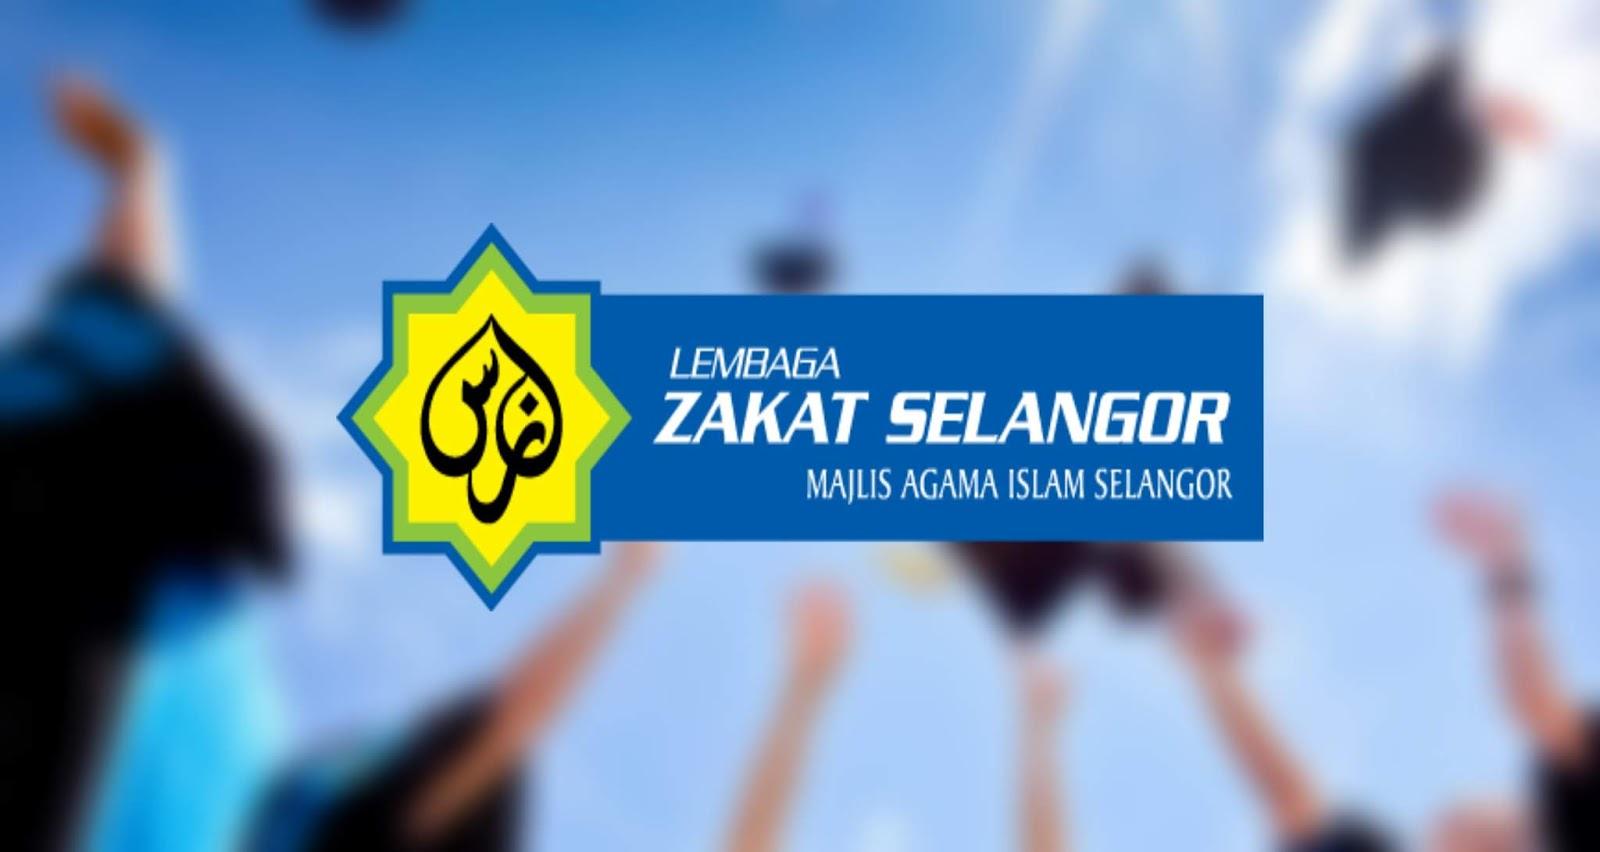 Permohonan Sumbangan Pendidikan Zakat Anak Selangor 2020 Online Biasiswa 2020 2021